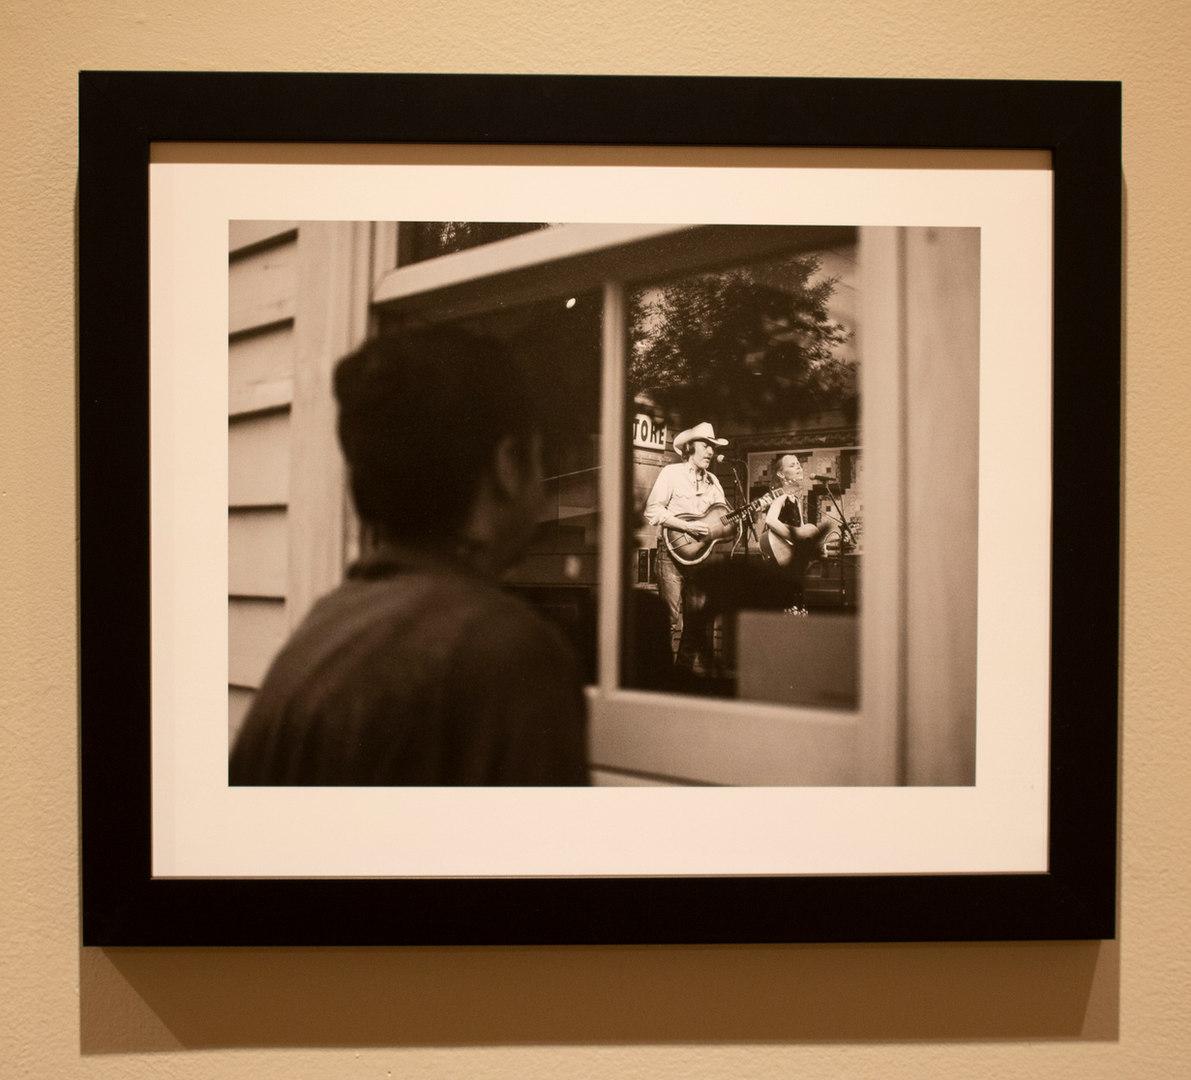 The Fan - Outside Looking In by Richard Krajnyak